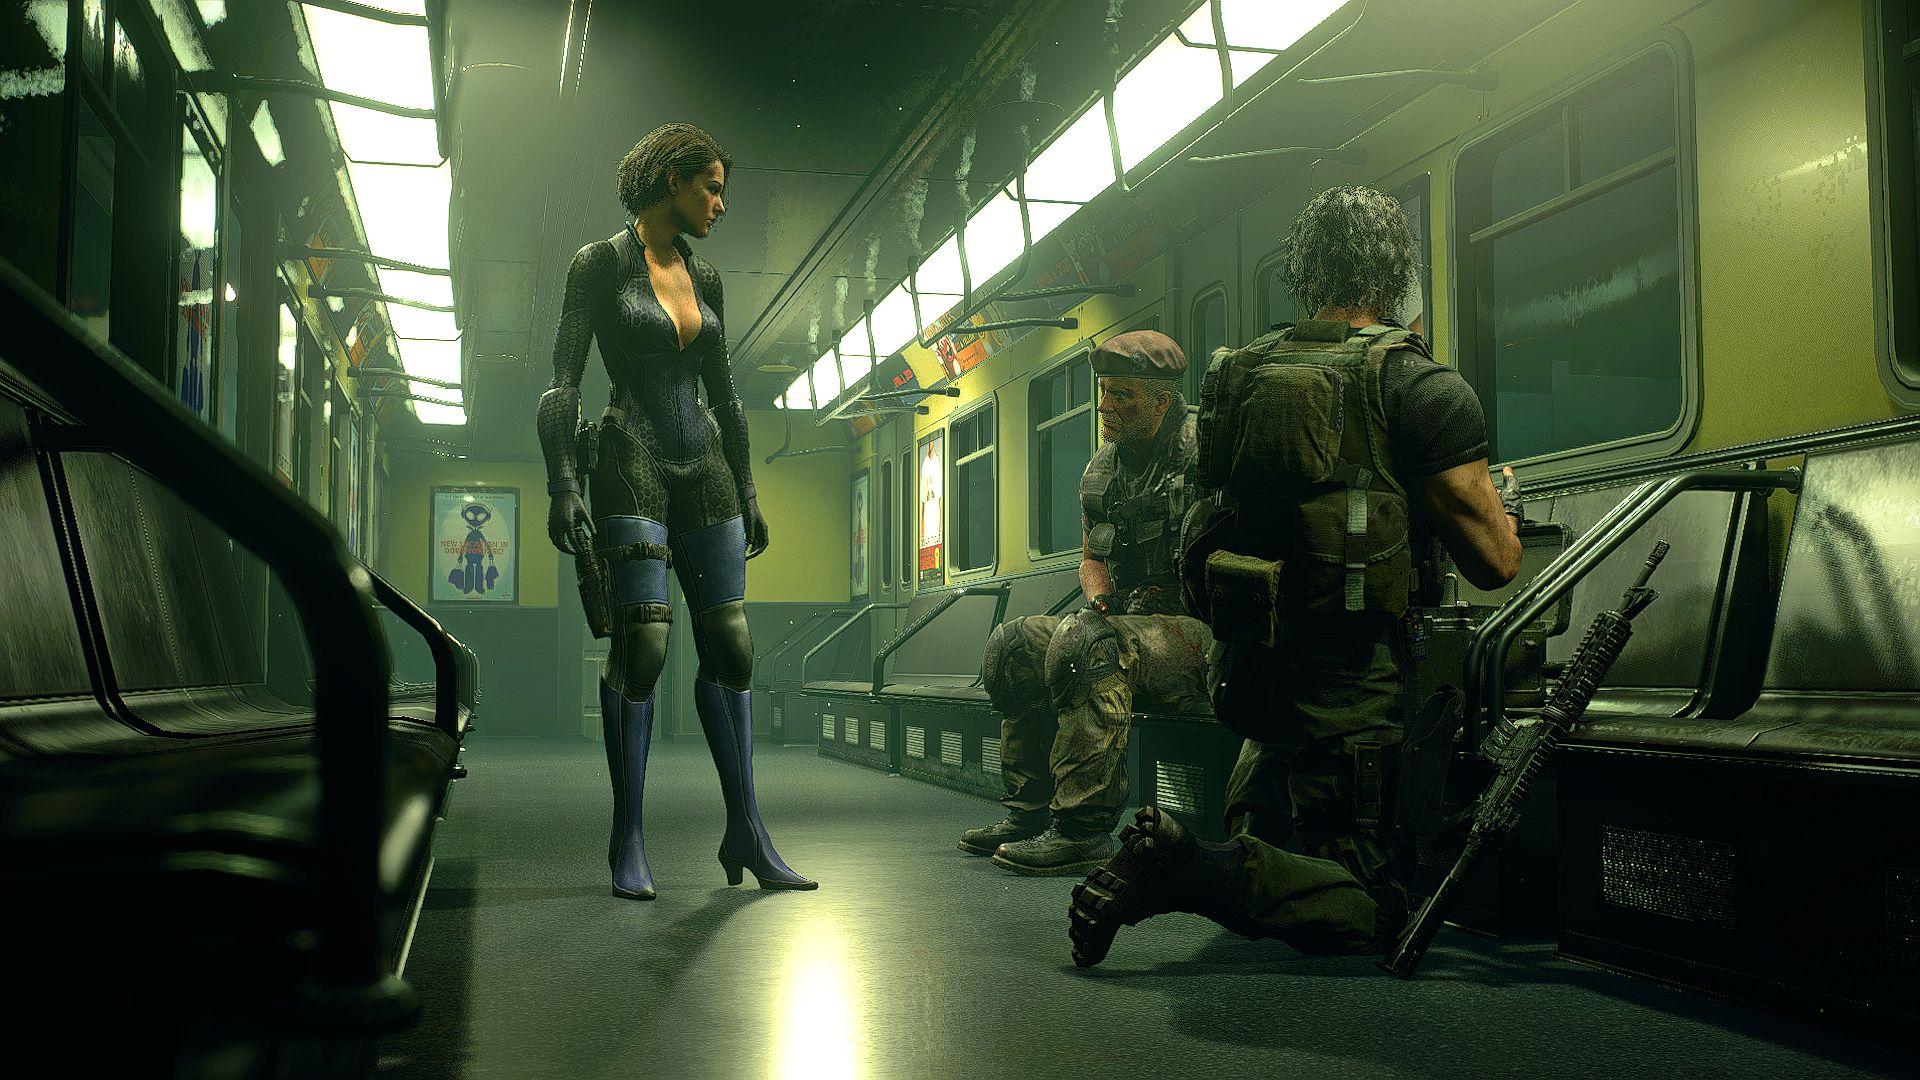 00084.Jpg - Resident Evil 3: Nemesis